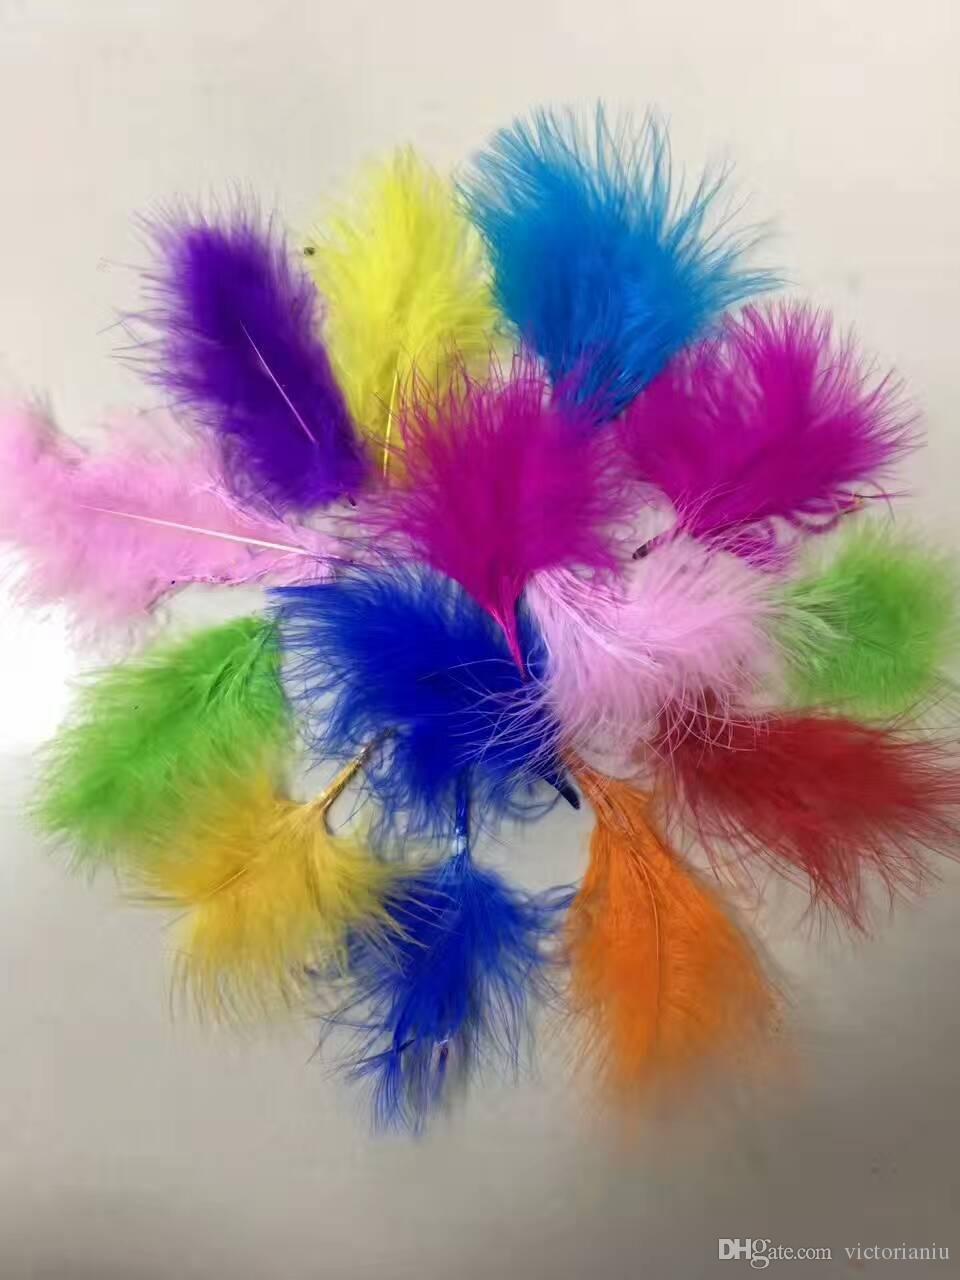 Оптовые 100шт случайных цветов 10-15см Марабу Перья гуся вниз Пушка для прозрачного воздушного шара